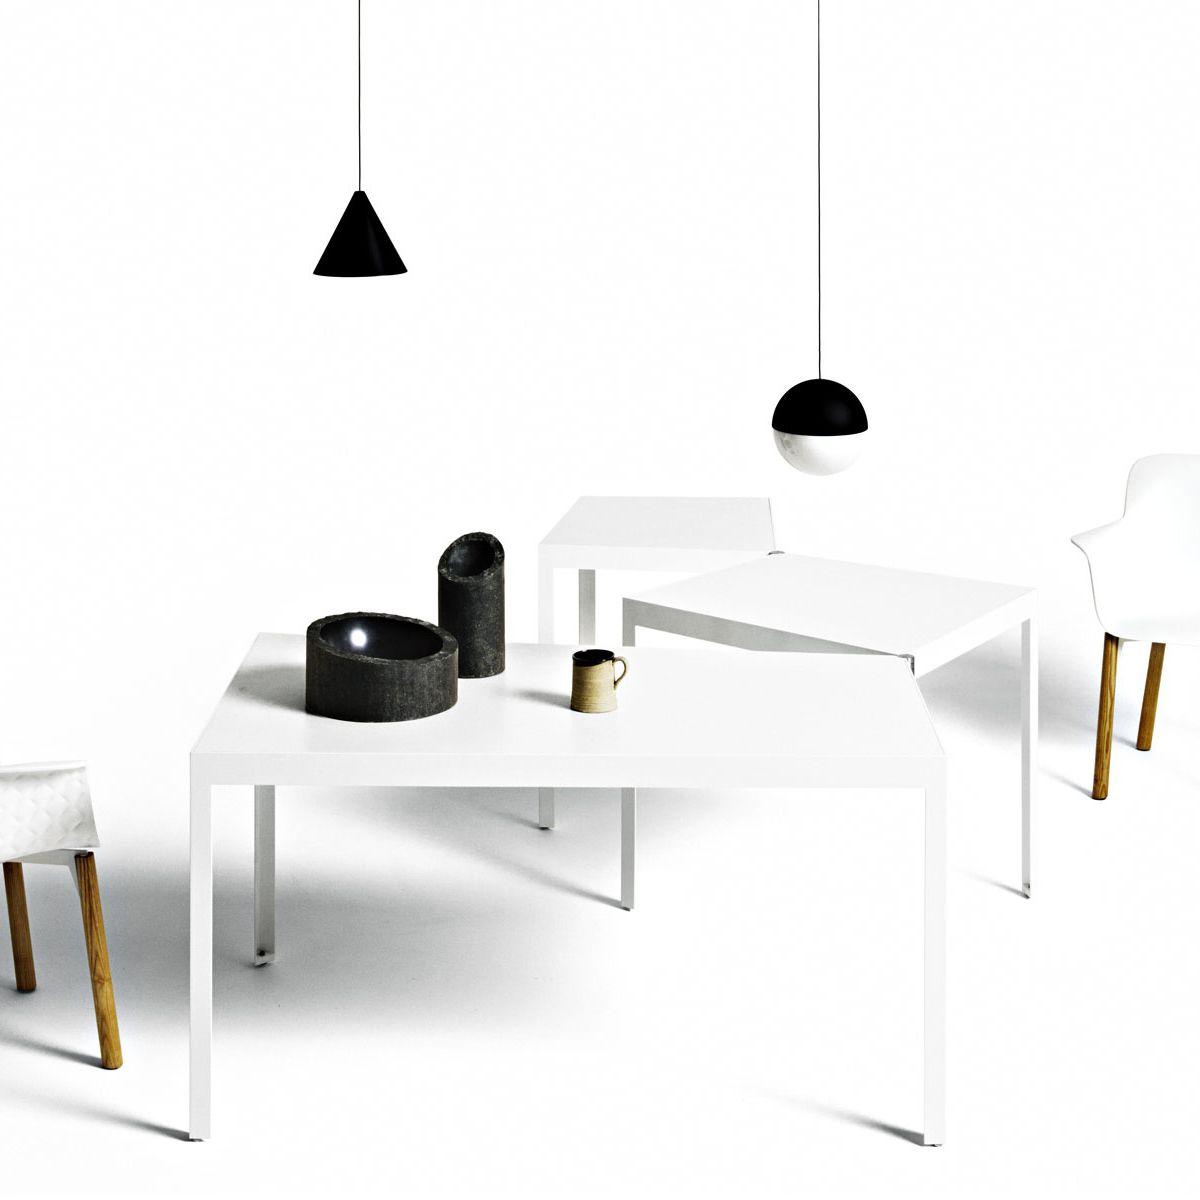 Tavolo Rettangolare Che Diventa Quadrato.Tavolo Moderno In Legno Laccato Rettangolare Quadrato Campo